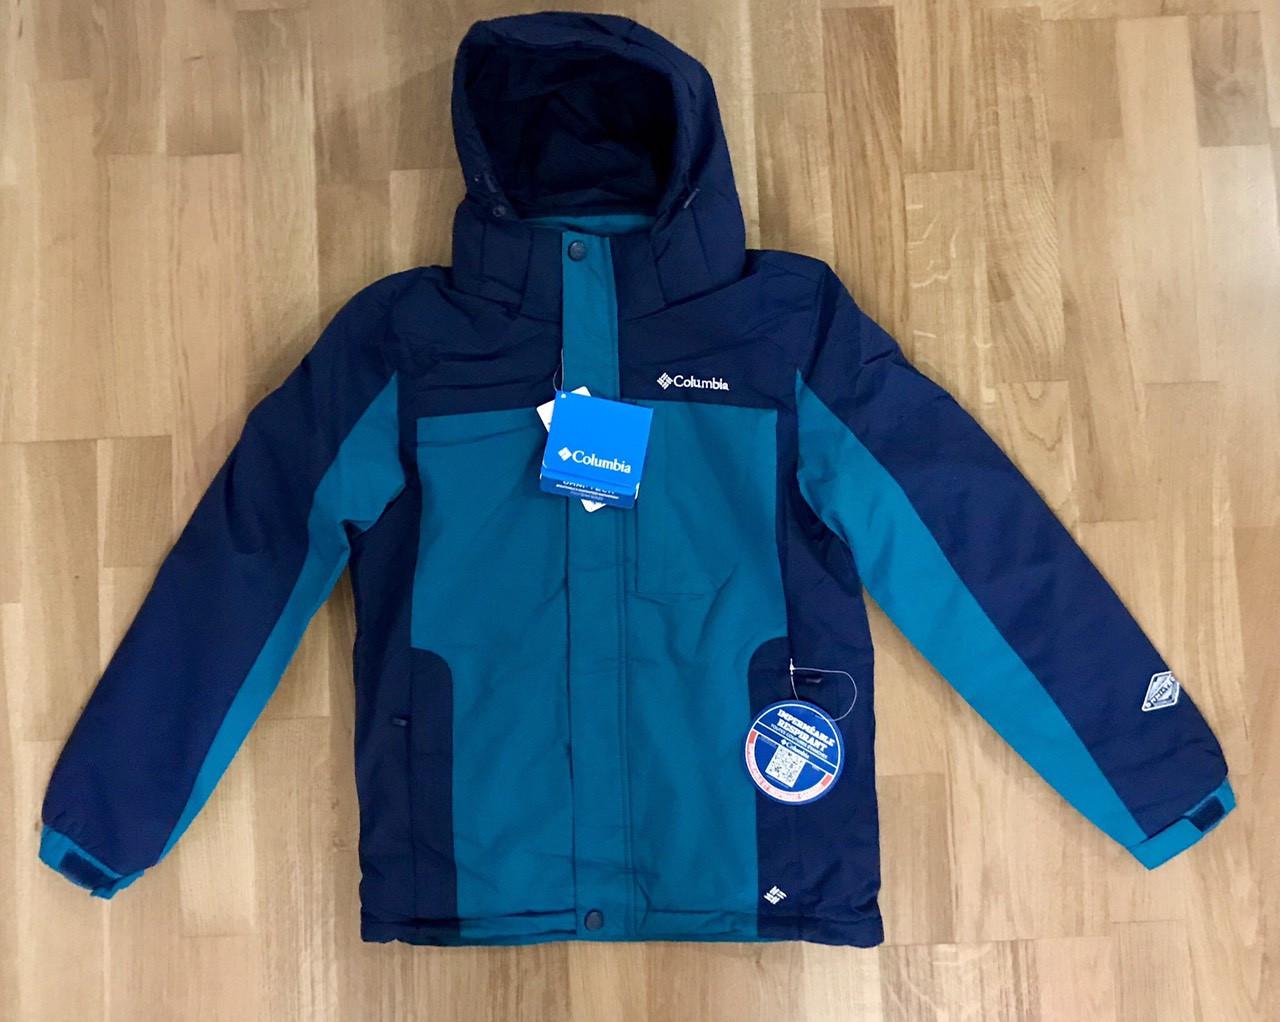 Зимняя Подростковая Куртка для Мальчика Columbia  b58009b530987